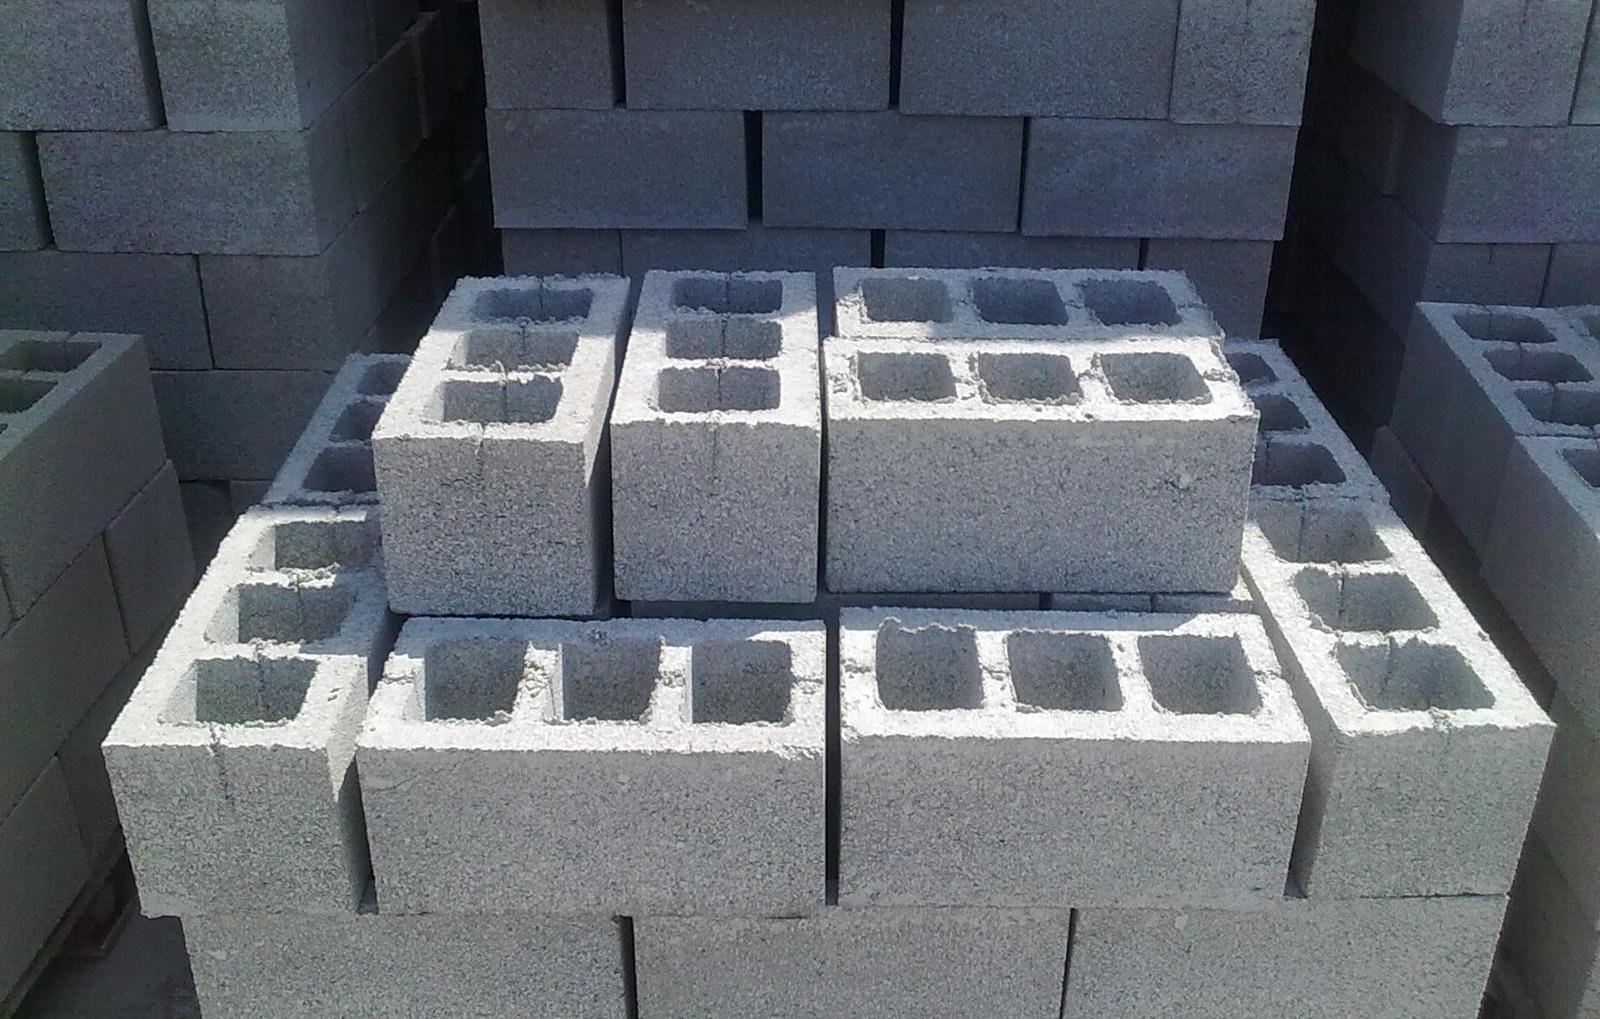 Шлакоблоки позволяют значительно ускорить и удешевить строительство